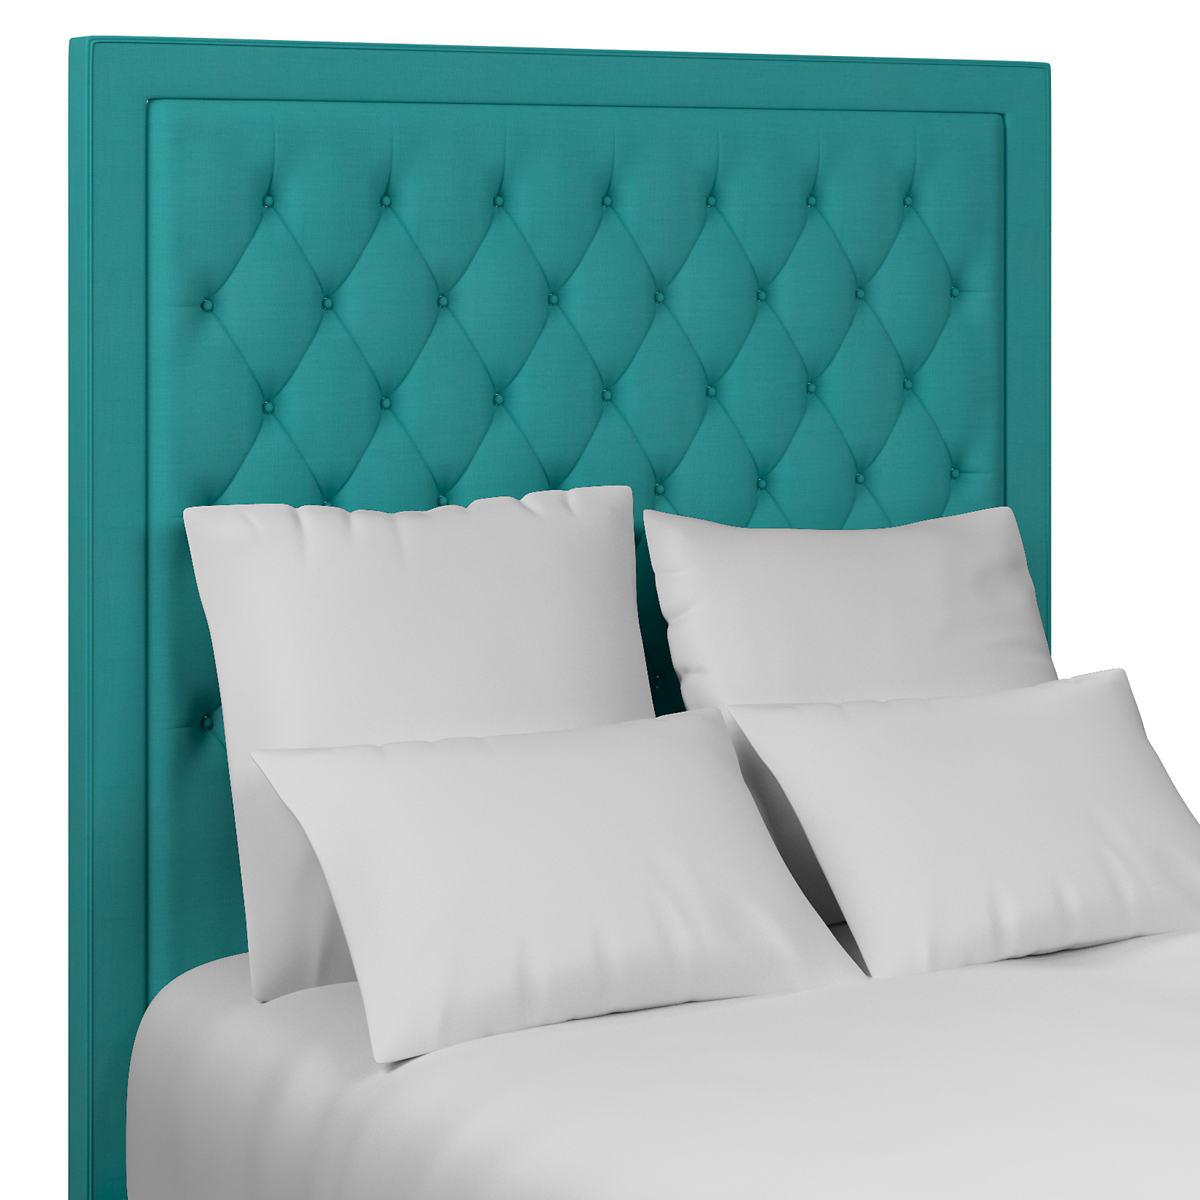 Estate Linen Turquoise Stonington Tufted Headboard